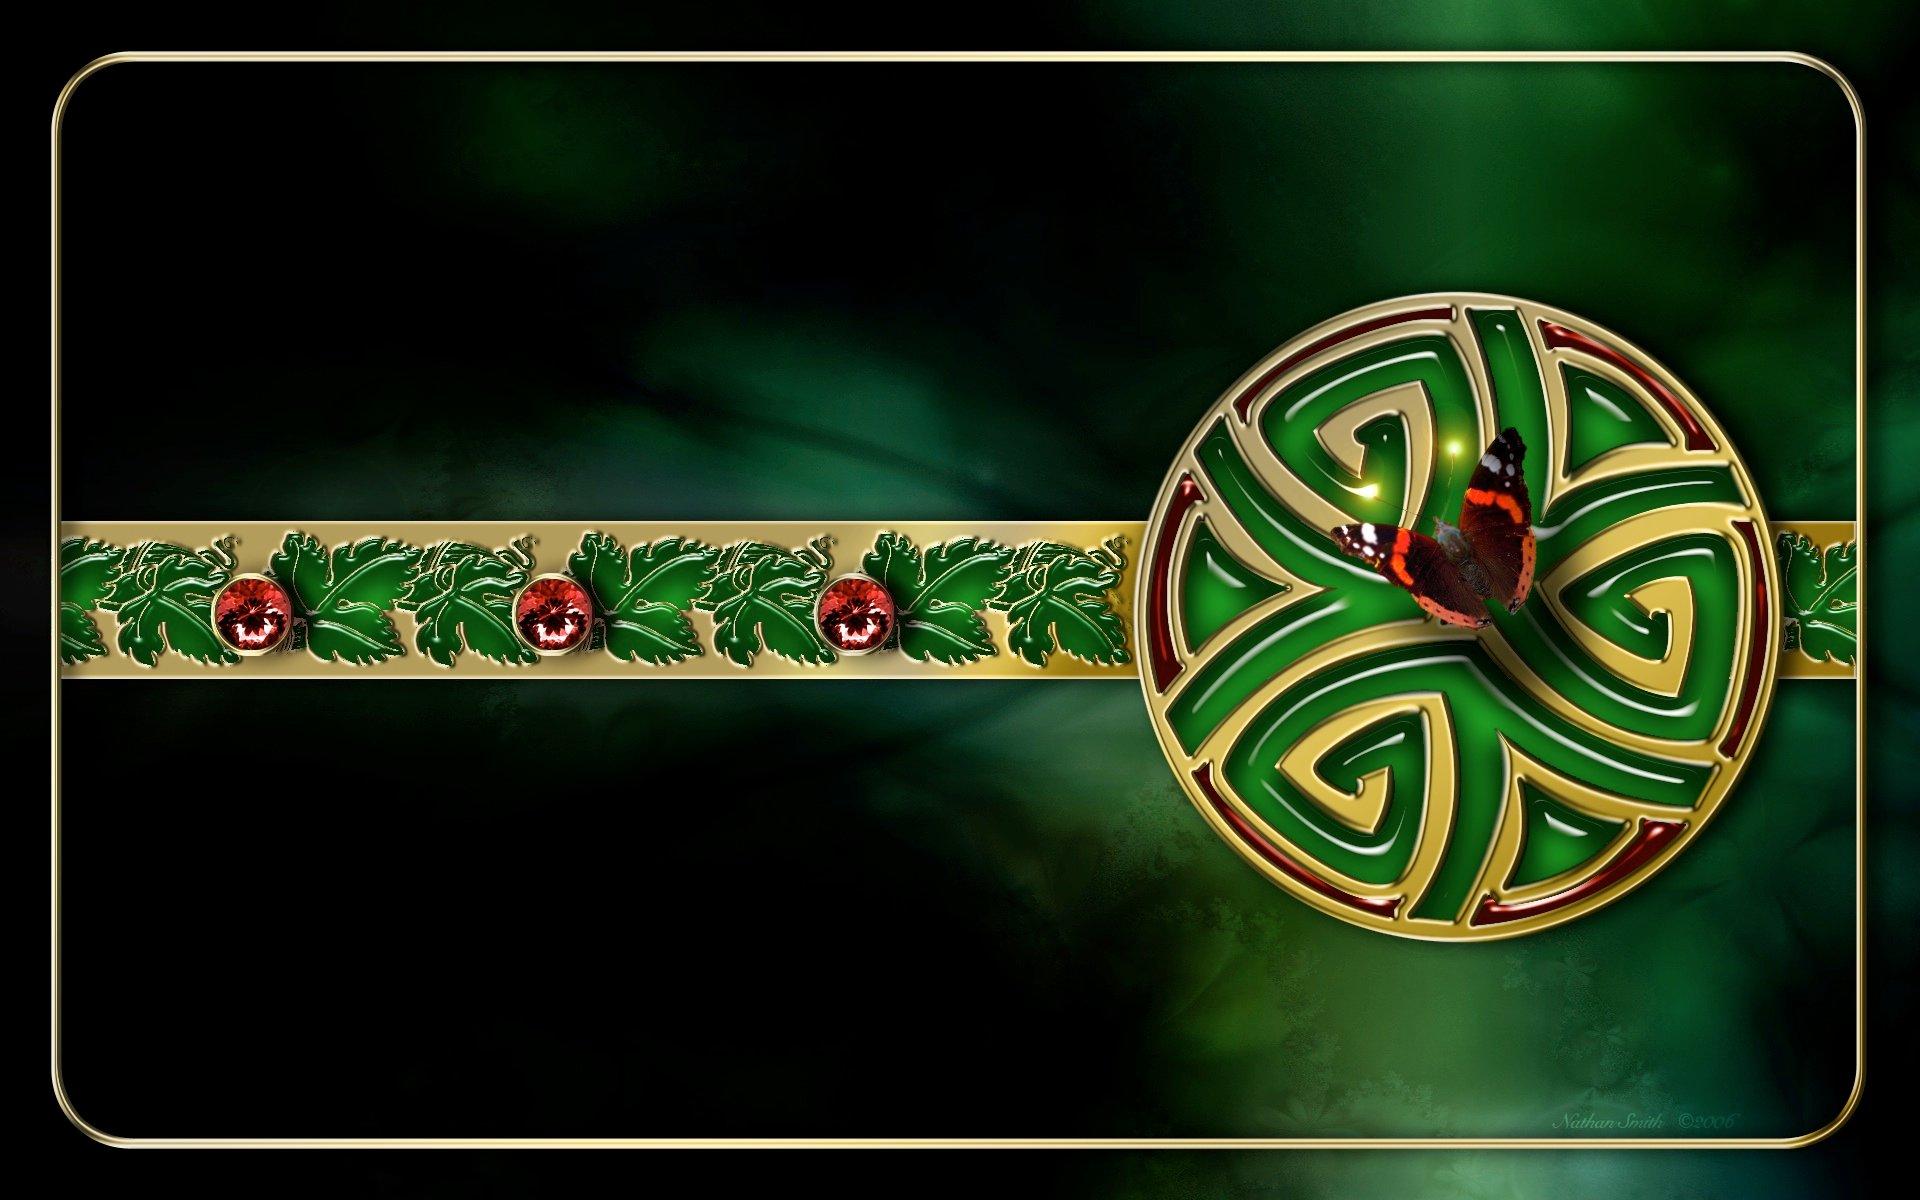 Celtic Pagan Wallpaper  WallpaperSafari